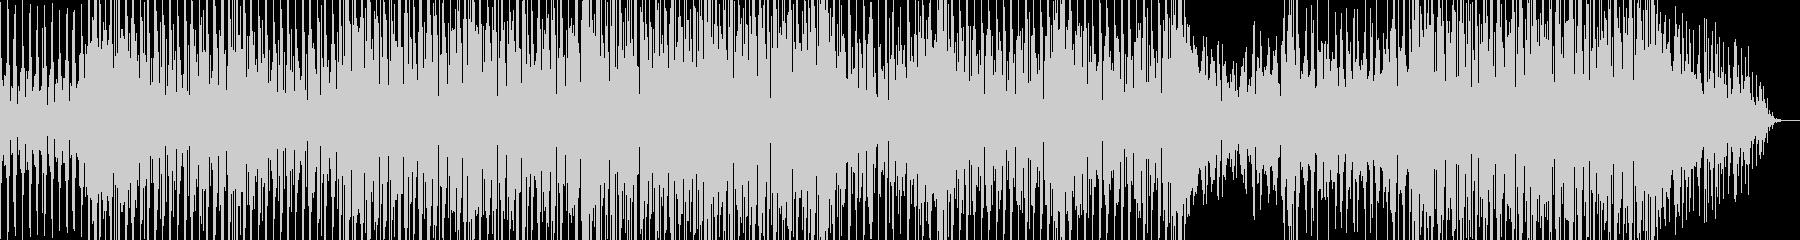 おしゃれで不思議な感じのBGMの未再生の波形